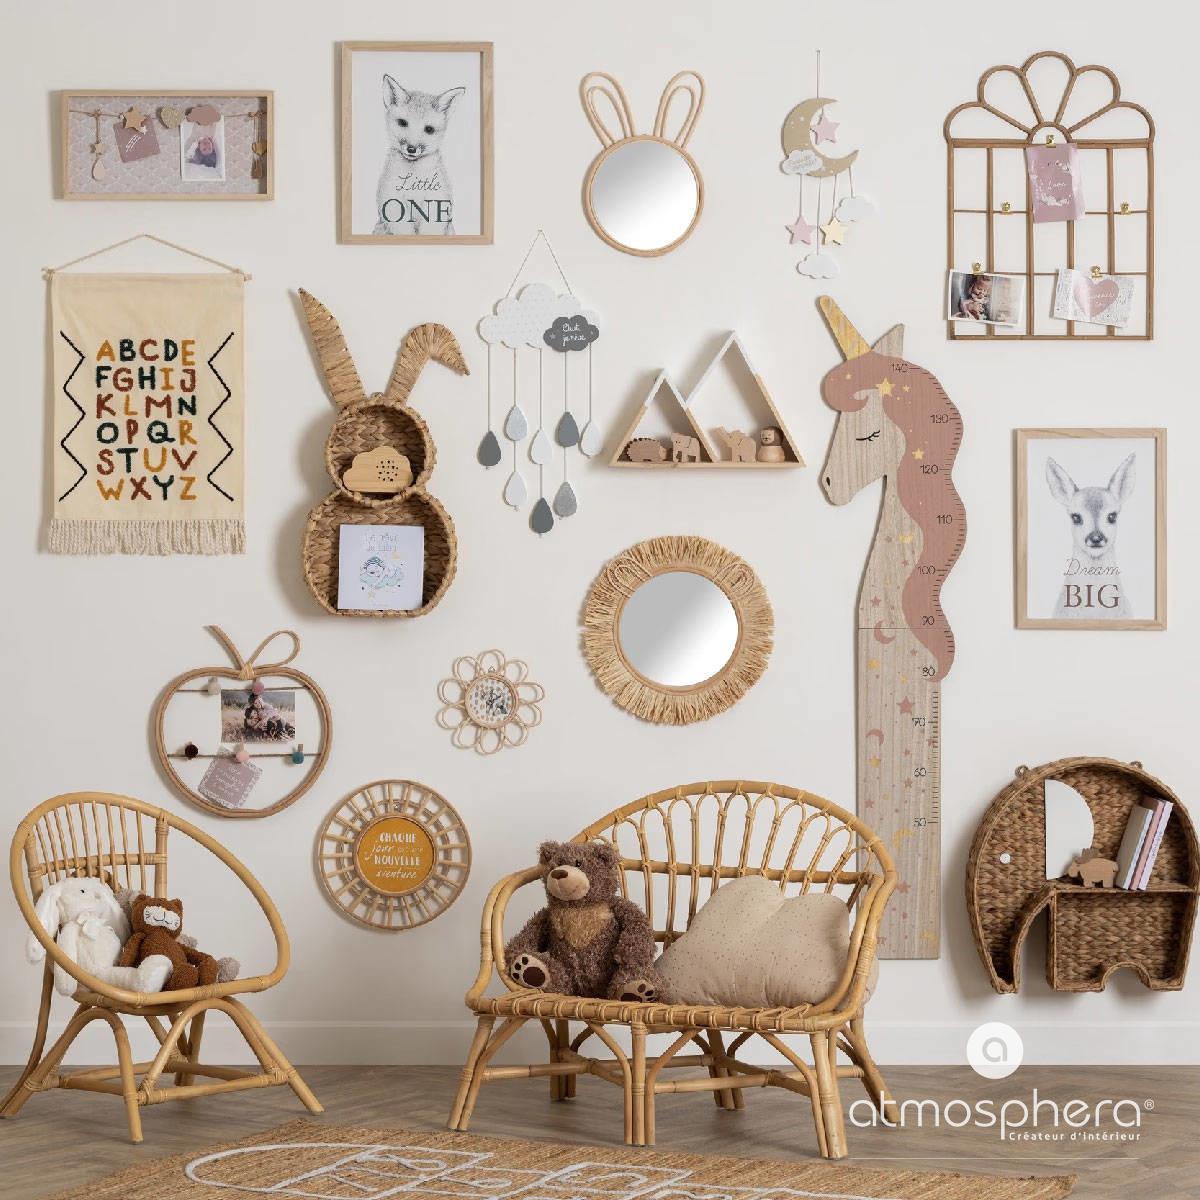 Atmosphera for kids Závěsná dekorace, kouzelná ozdoba, která bude vypadat krásně v dětské ložnici